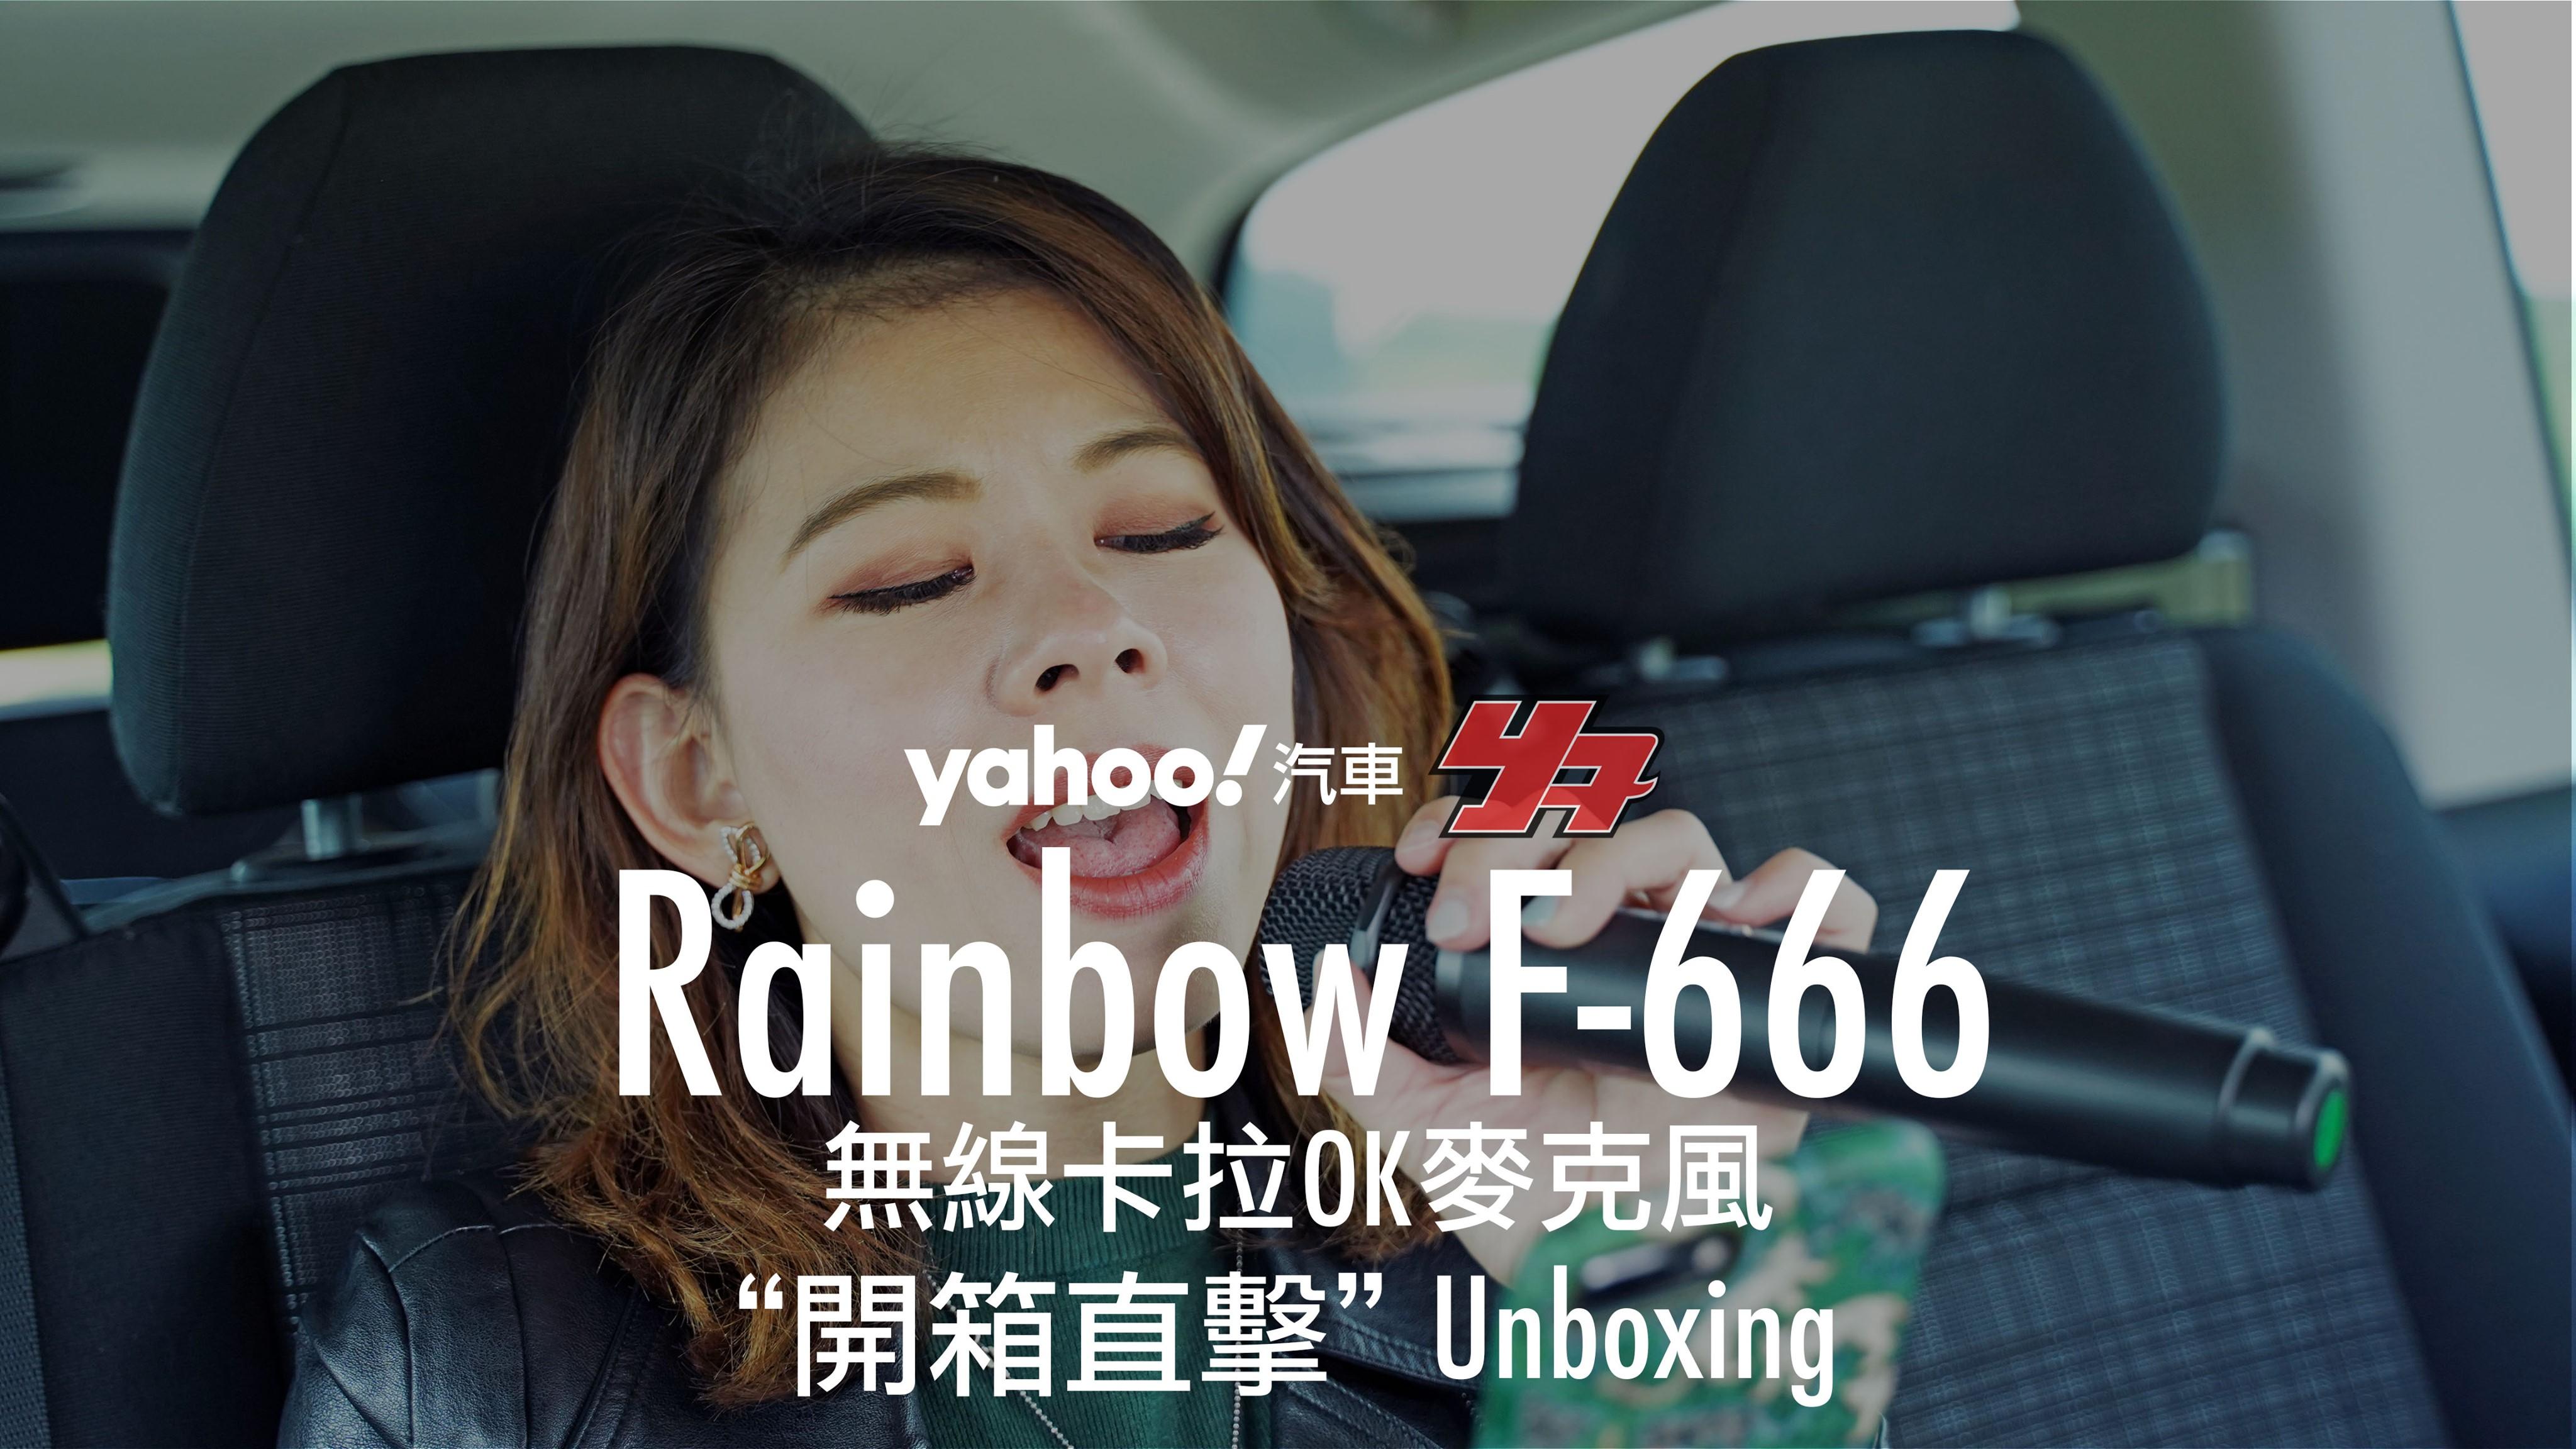 【開箱直擊】長途駕駛乘客必備!Rainbow F-666藍牙麥克風組開箱實測!